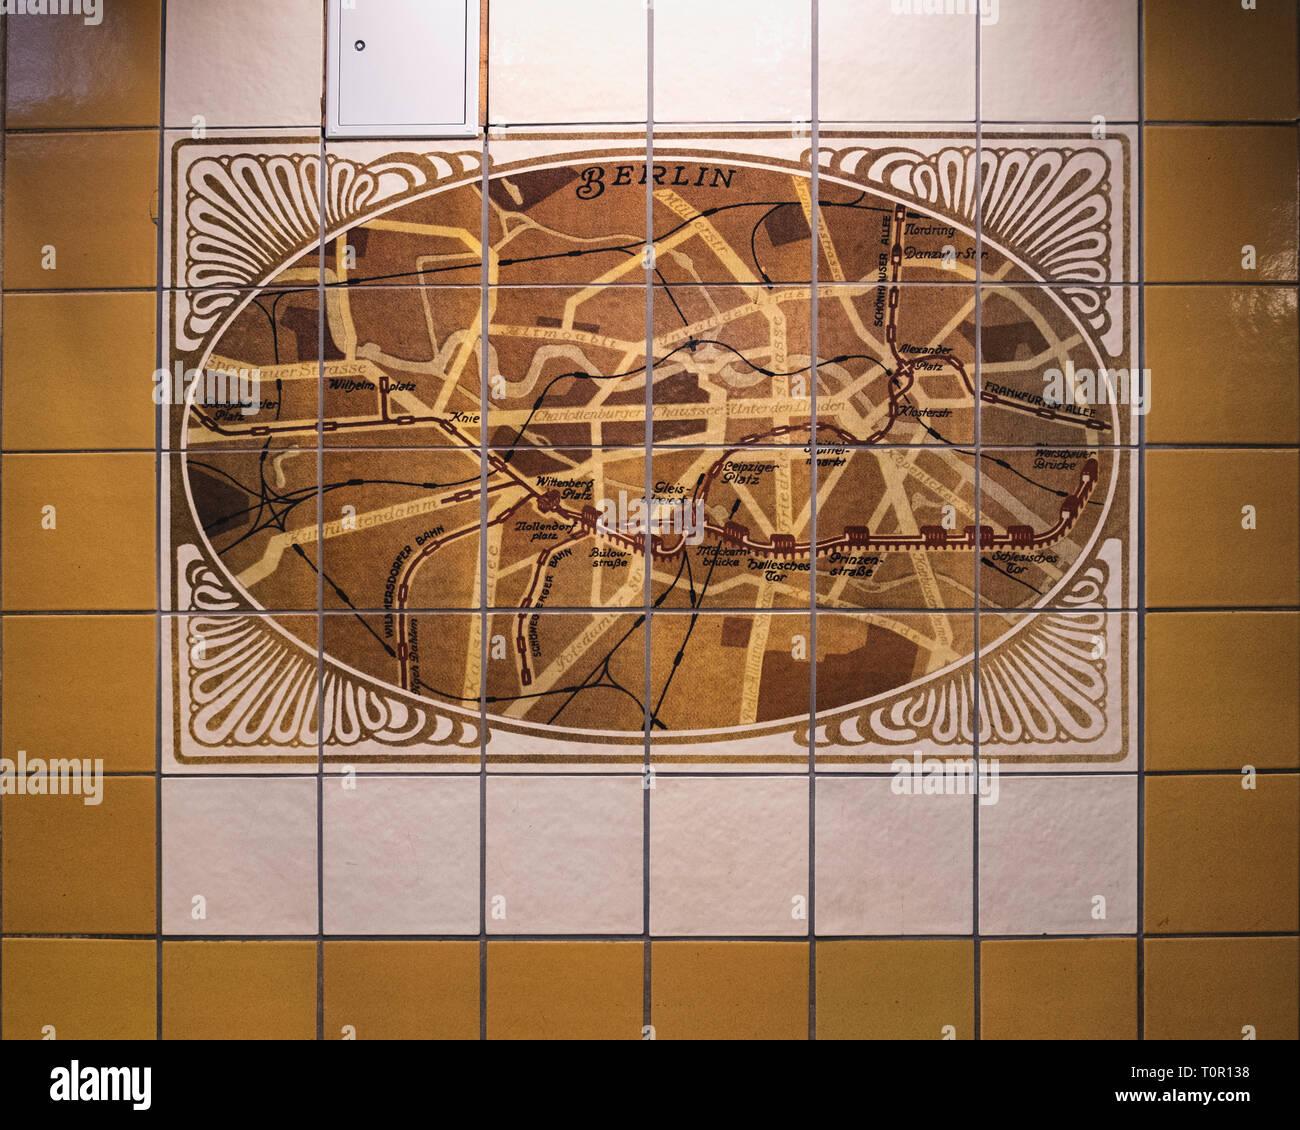 Berlin, Schöneberg. Wittenbergplatz Station Underground U-bahn railway Station serves U1,U2 & U3 lines.Old Rail network map - Stock Image